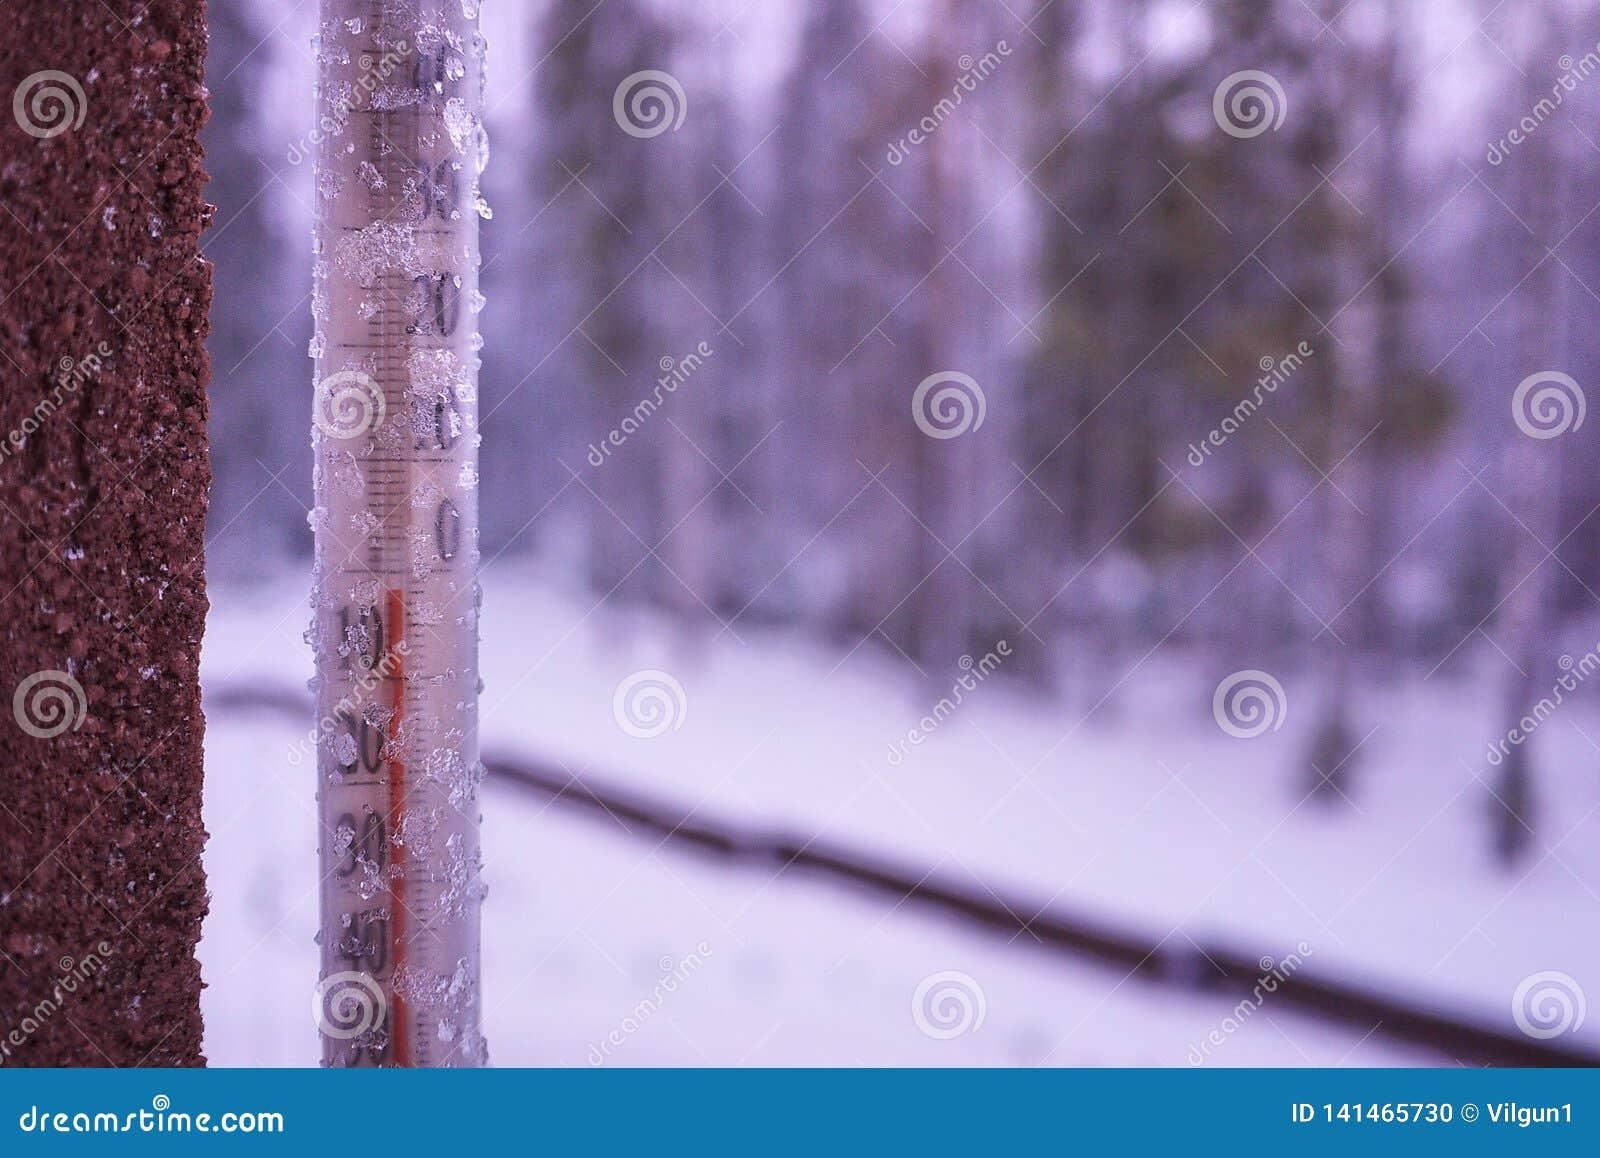 Termometr na zimnym dniu lub gorącym dniu mierzy temperaturę Analogowy termometr